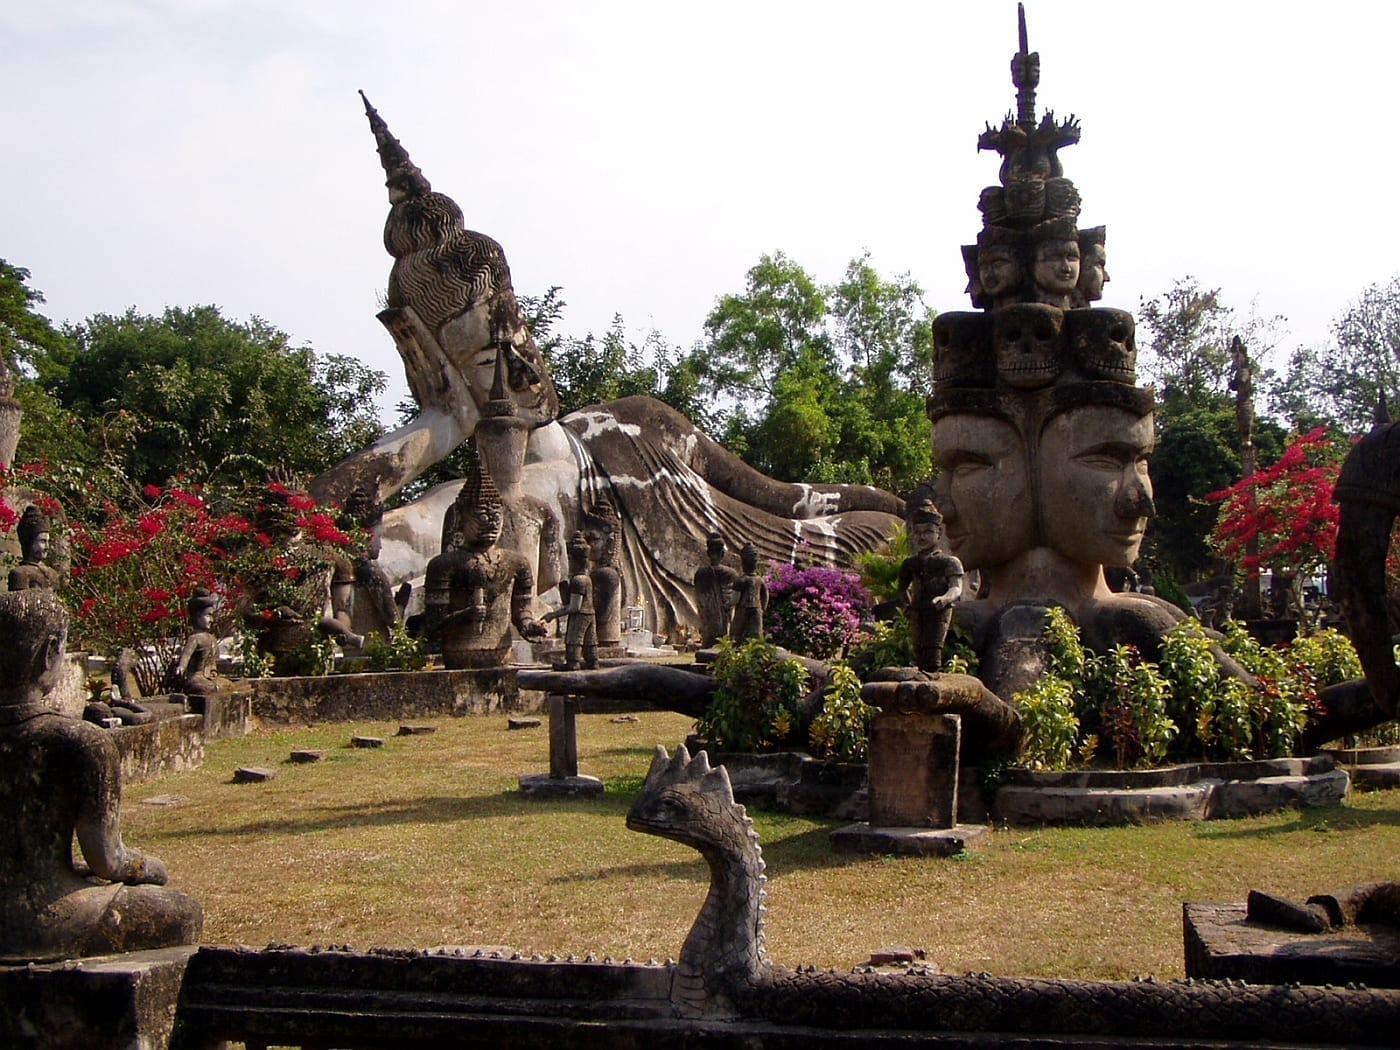 Parque de Buda República Democrática Popular Lao